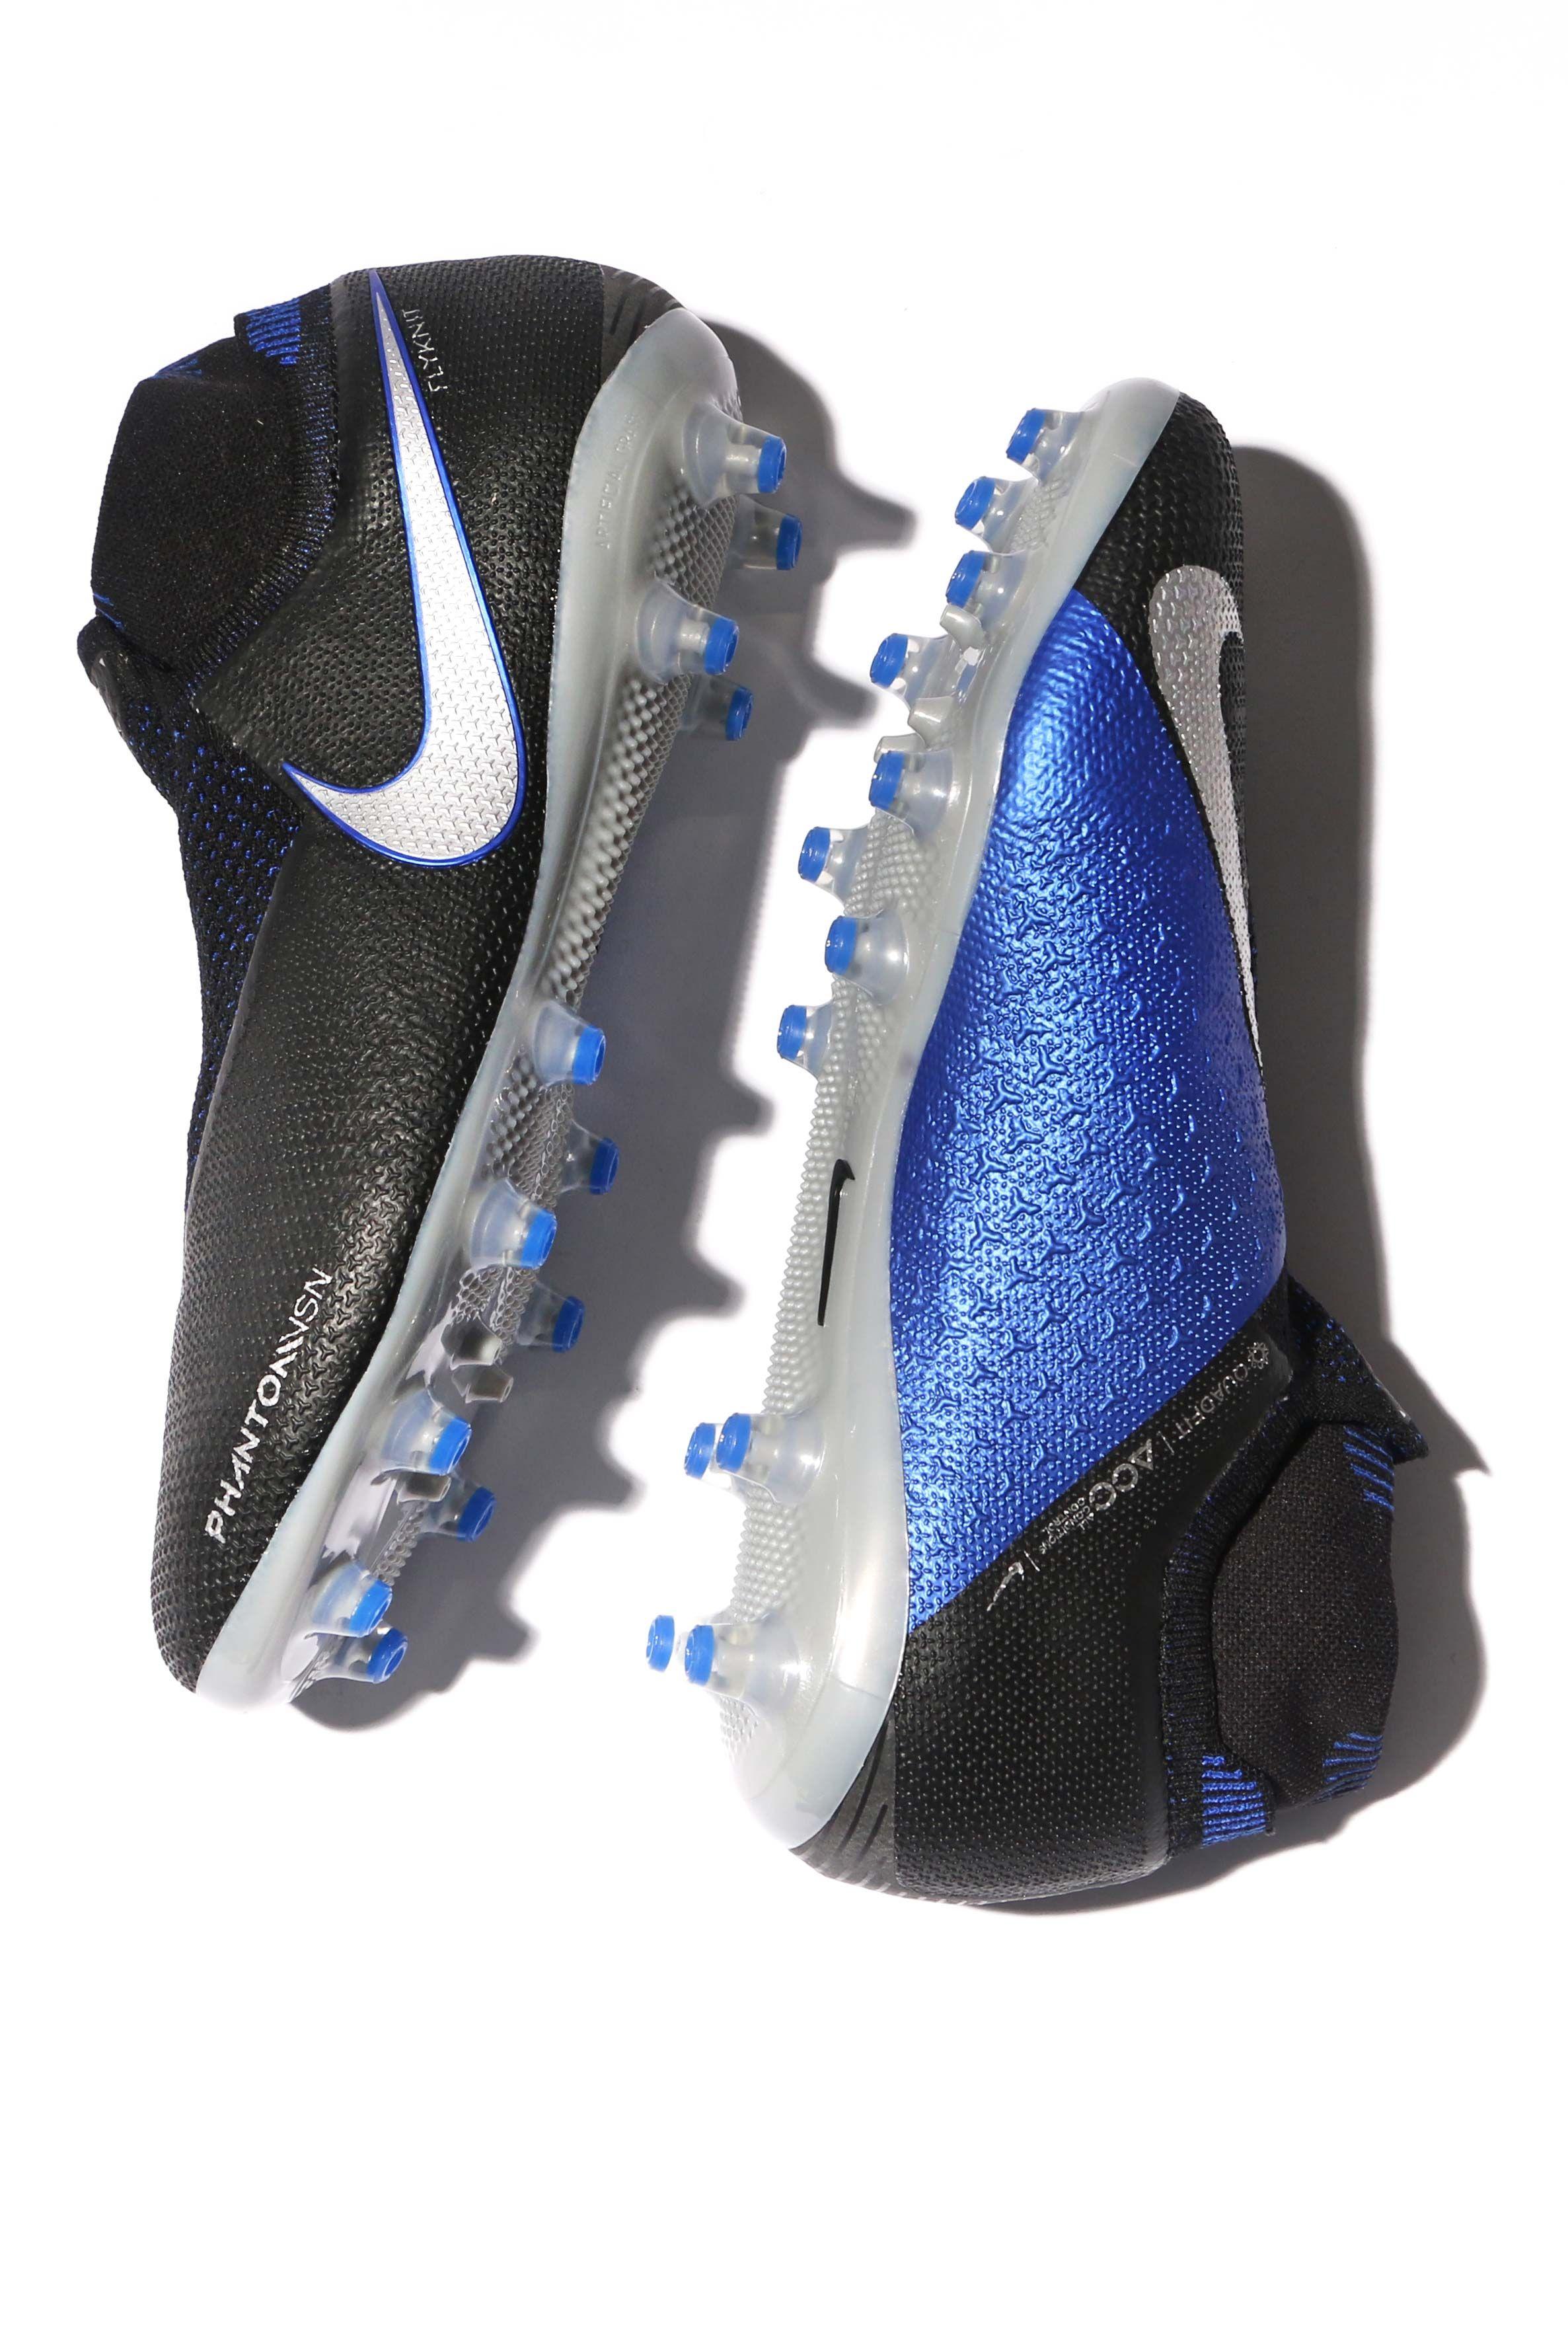 994bc44d85339 Botas de fútbol con tobillera Nike Phantom Vision Elite - negras y azules  Las  PhantomVsn